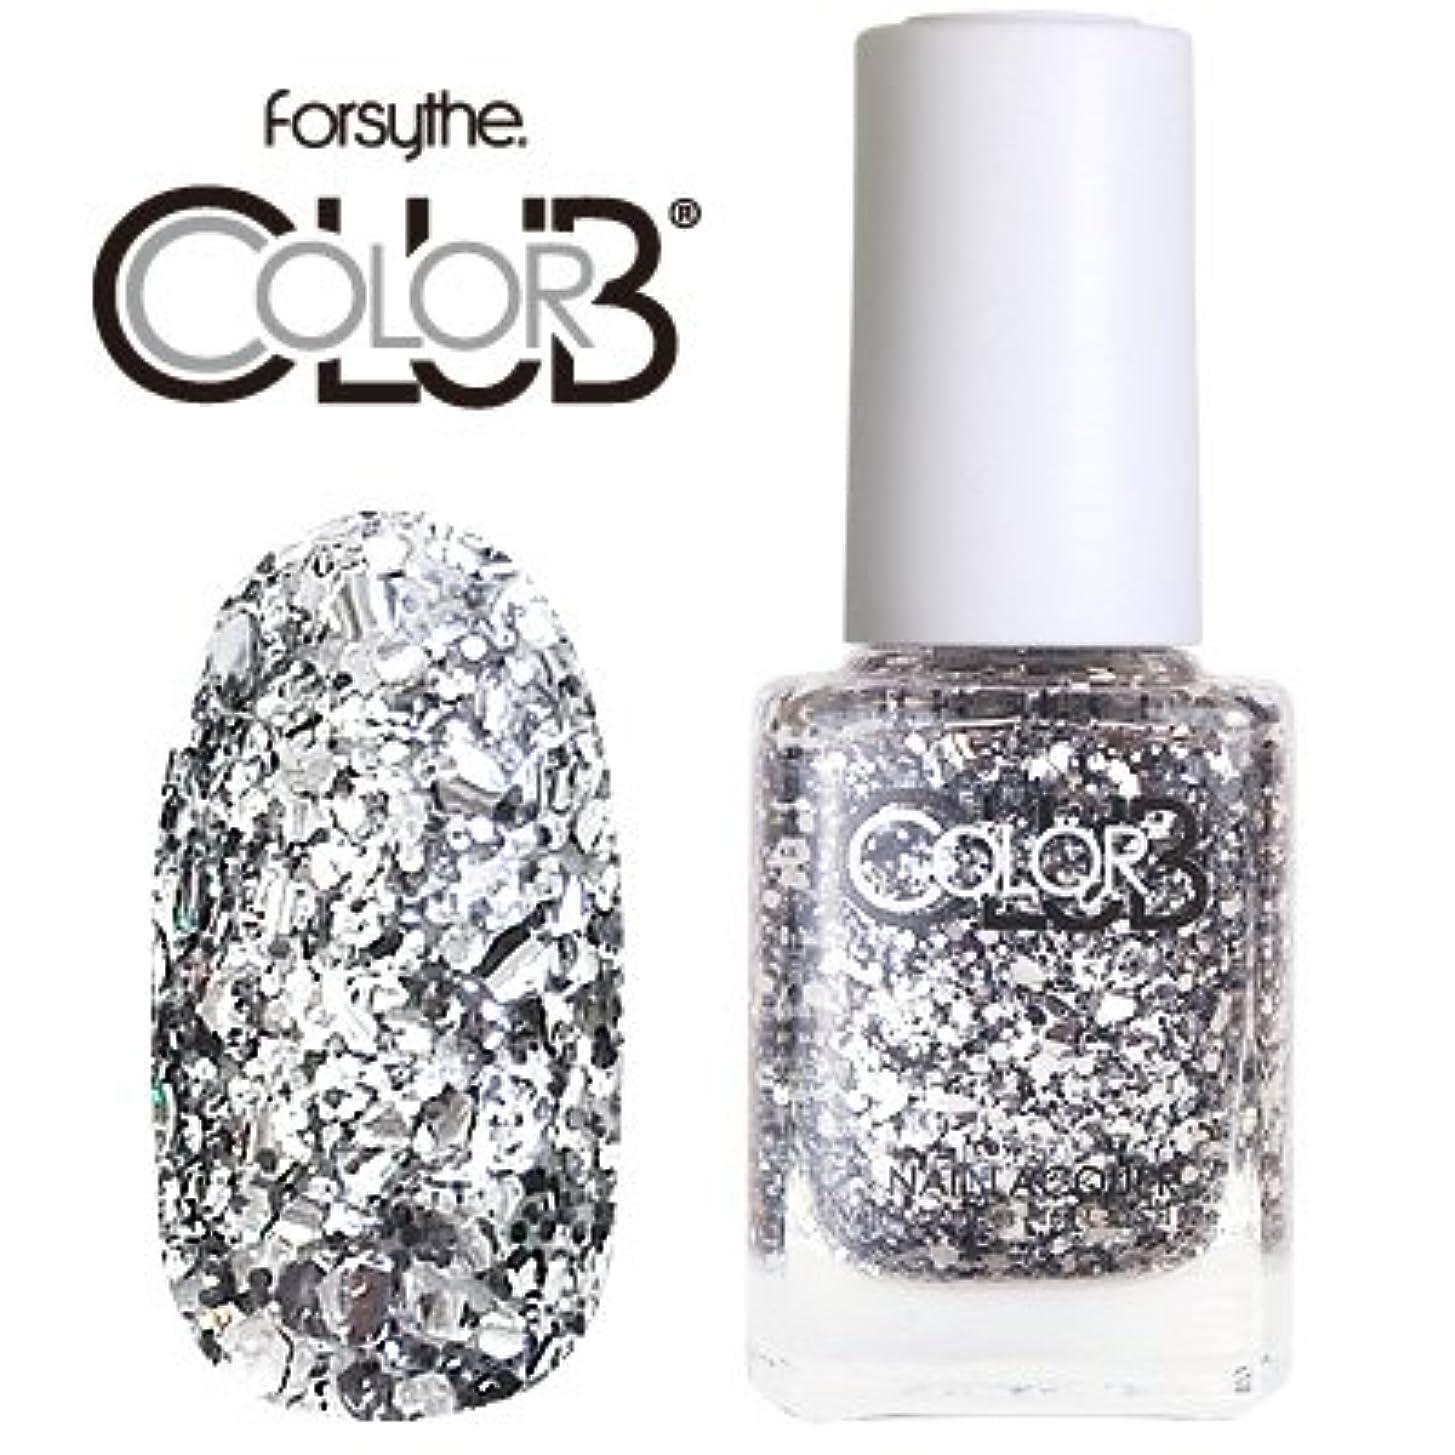 フォーサイス カラークラブ 948/Platinum Record 【forsythe COLOR CLUB】【ネイルラッカー】【マニキュア】